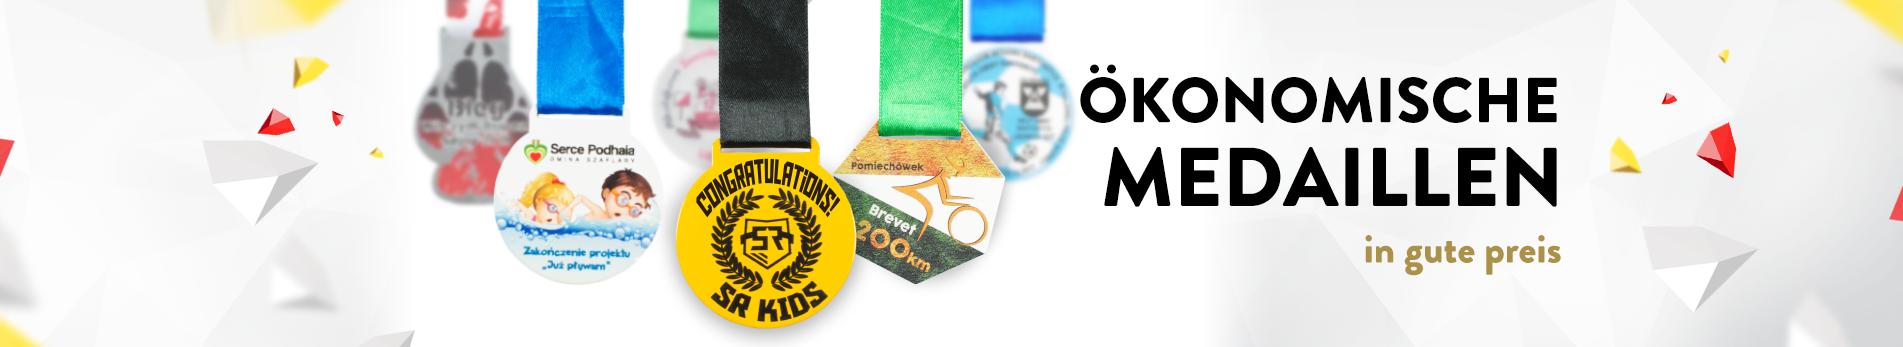 okonomische-medaille